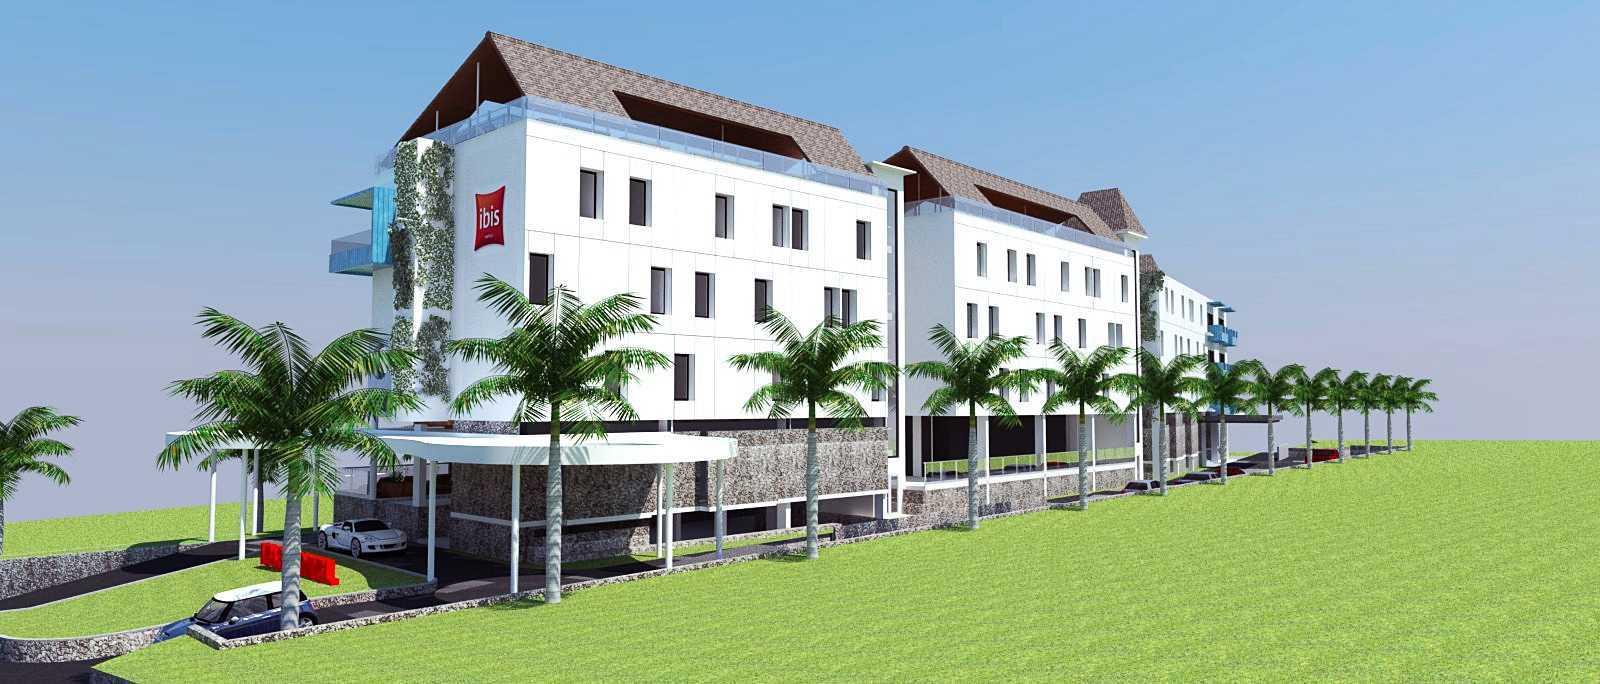 Limpad Sudibyo Ibis Hotel Jimbaran, Bali Jimbaran, Bali Side View   27057